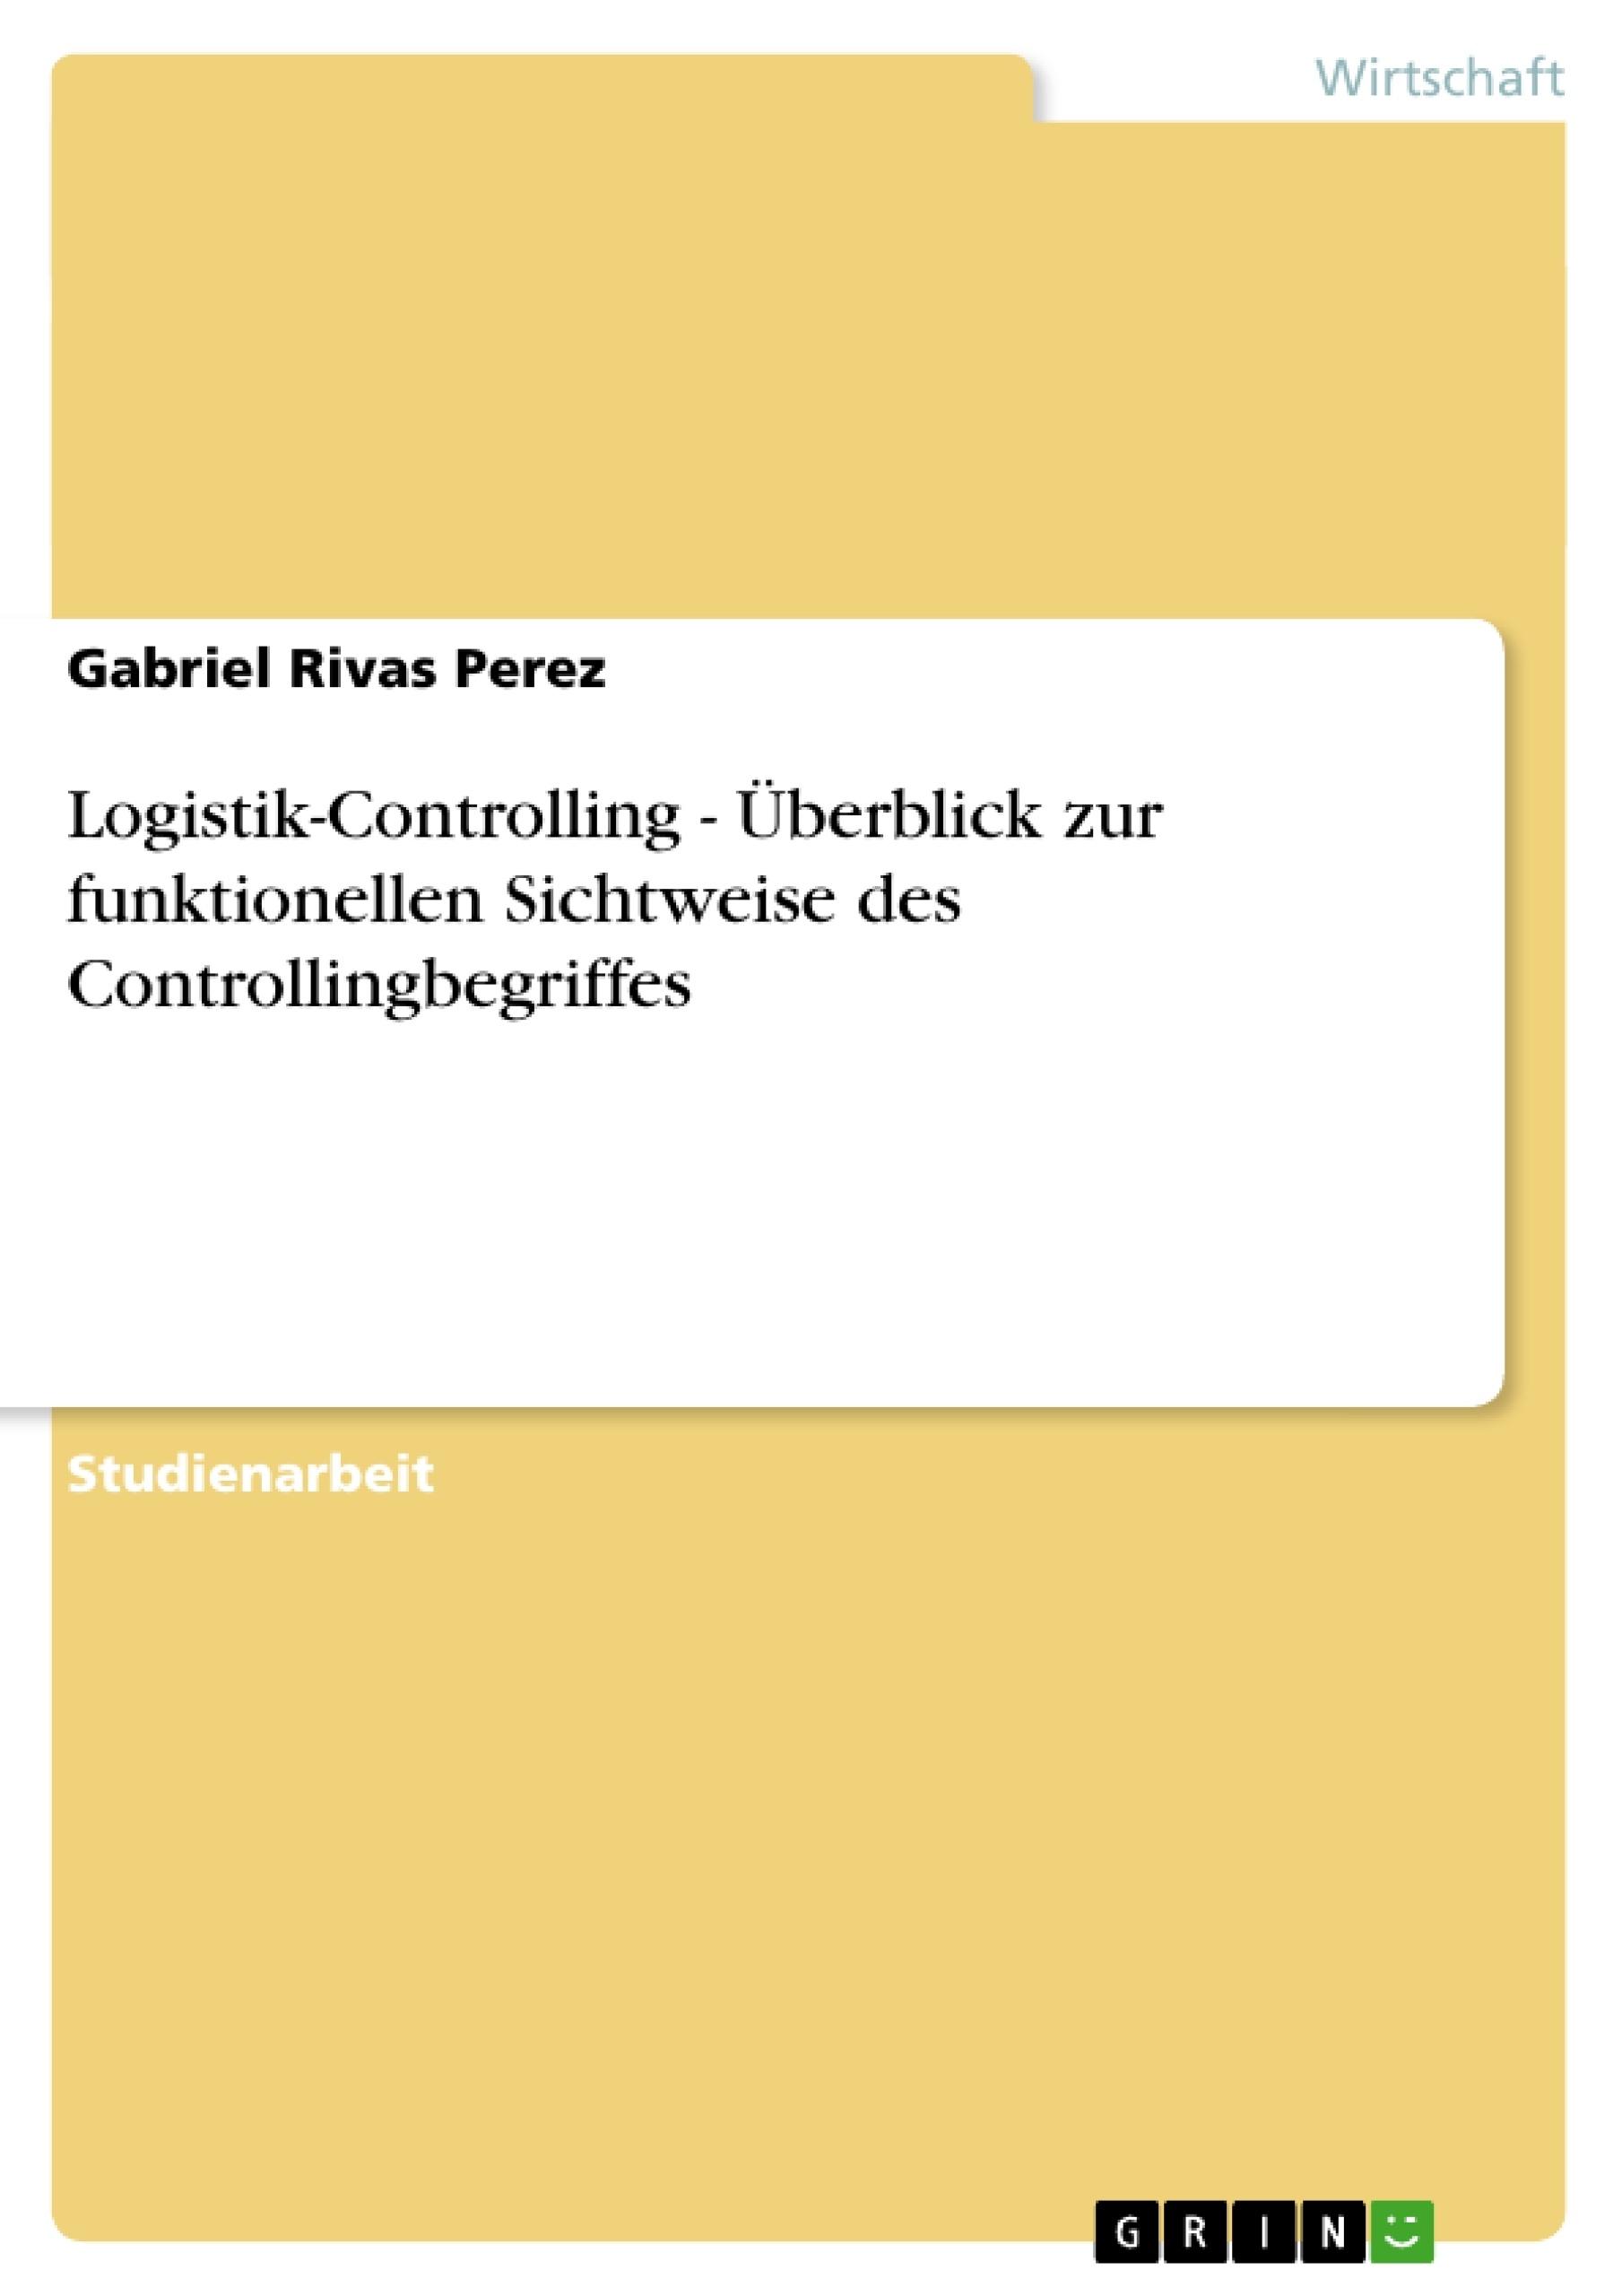 Titel: Logistik-Controlling - Überblick zur funktionellen Sichtweise des Controllingbegriffes